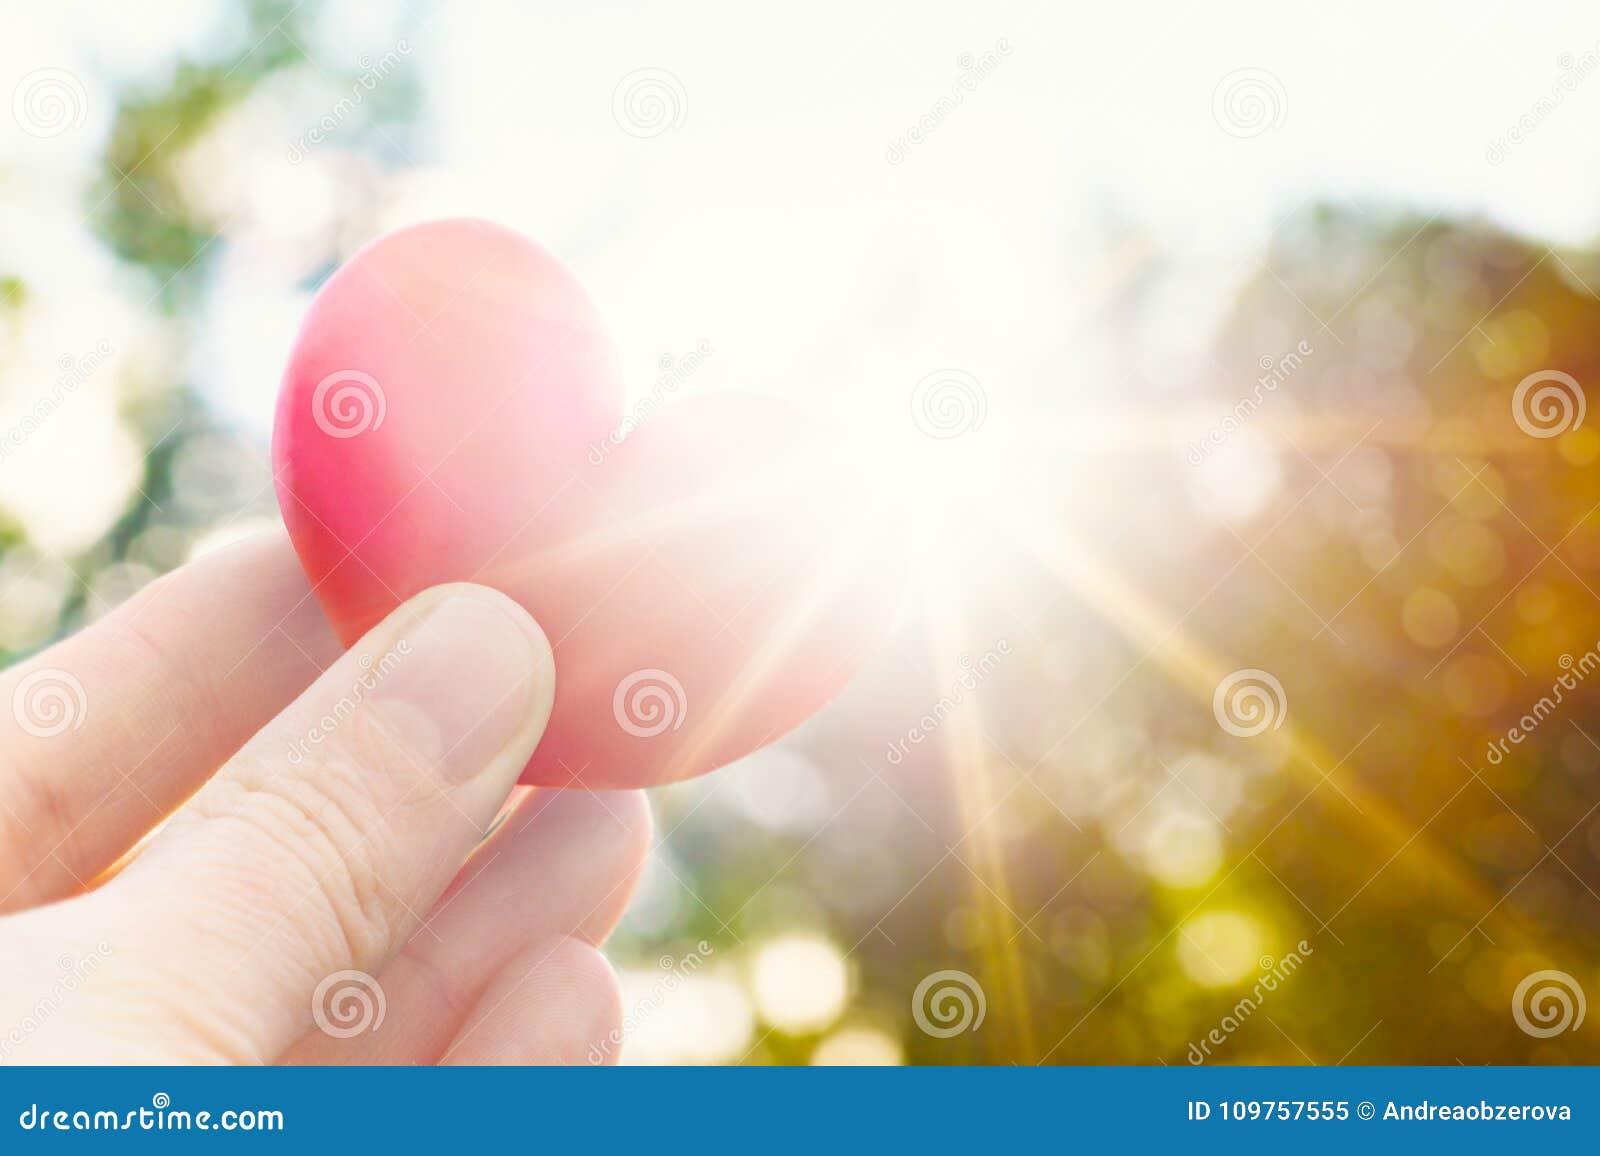 Formade hållande hjärta för personen plommonet mot solen Bild för förälskelsebegreppslivsstil med solsignalljuset Bakgrund för da